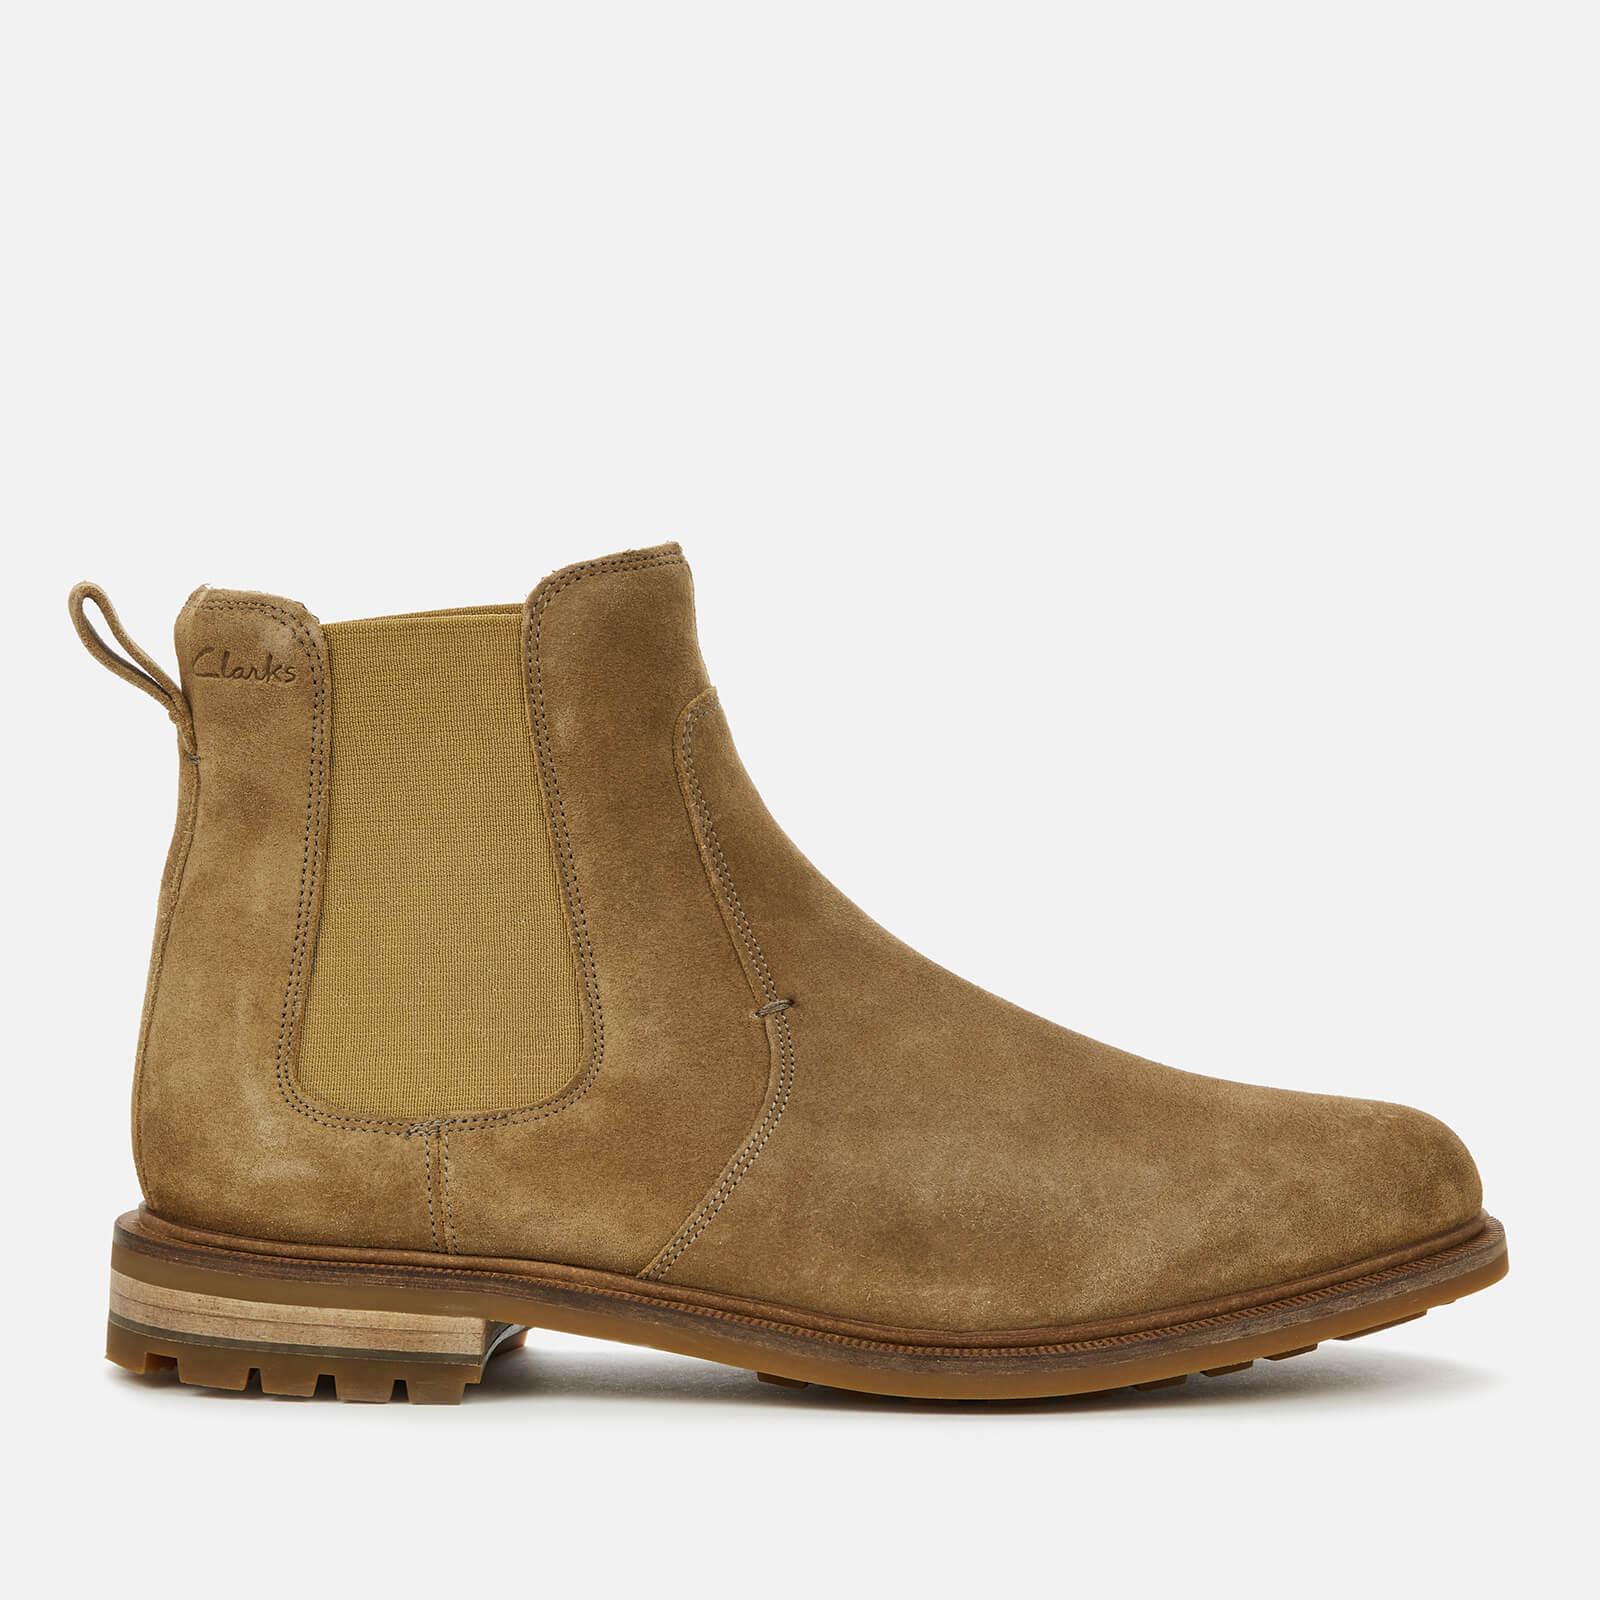 Clarks Men's Foxwell Top Suede Chelsea Boots - Dark Sand - UK 7